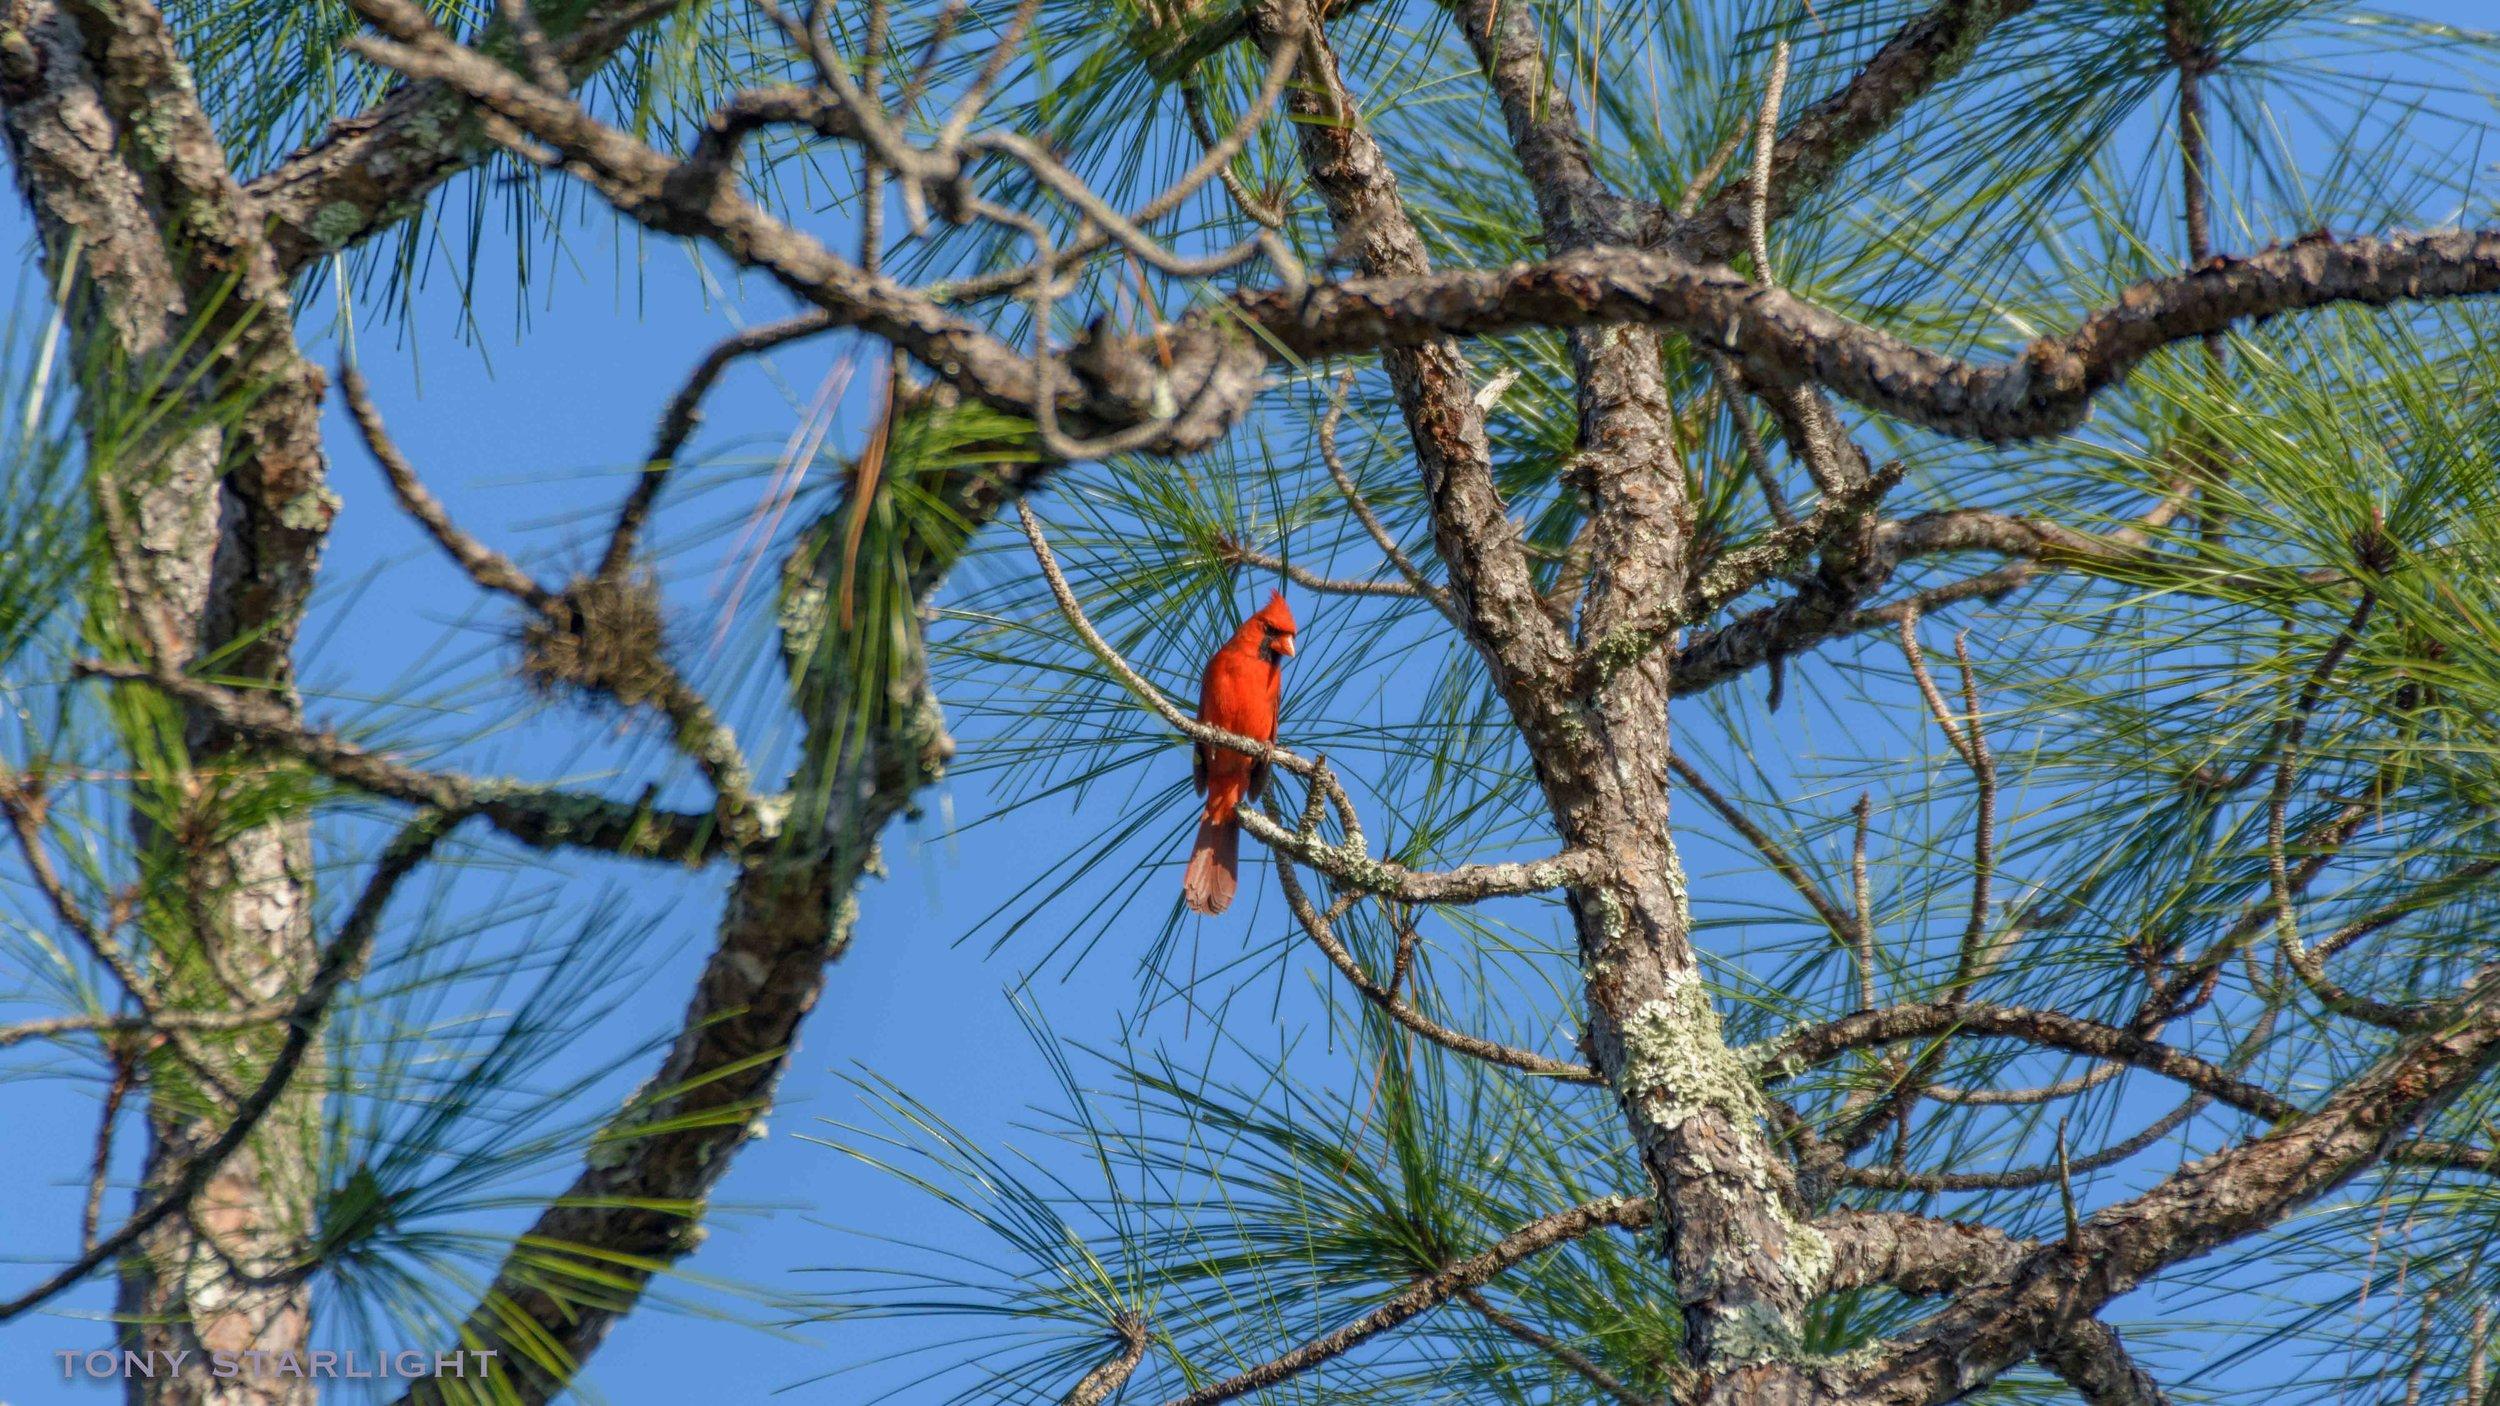 161) Northern Cardinal - January 30, 2017Fort De Soto, Florida